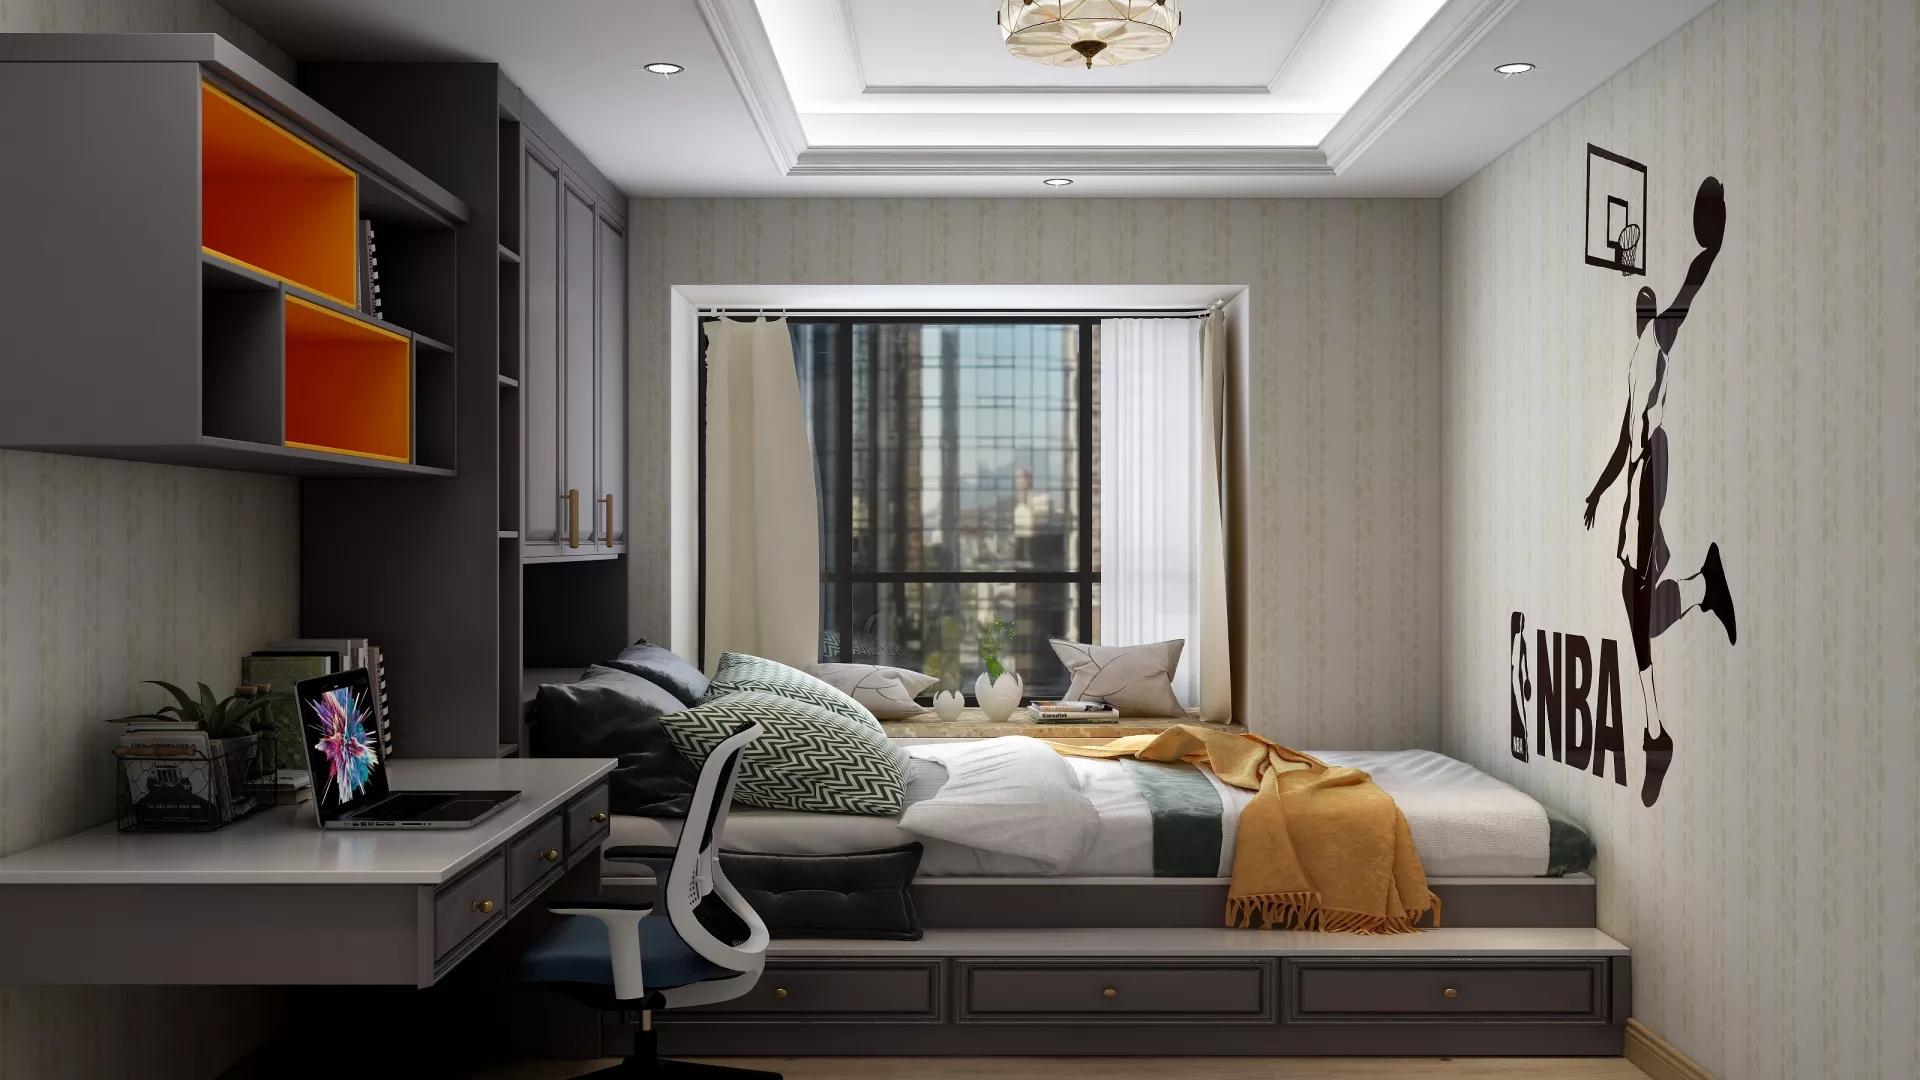 哥特式风格家装中的家具和装饰怎么选择